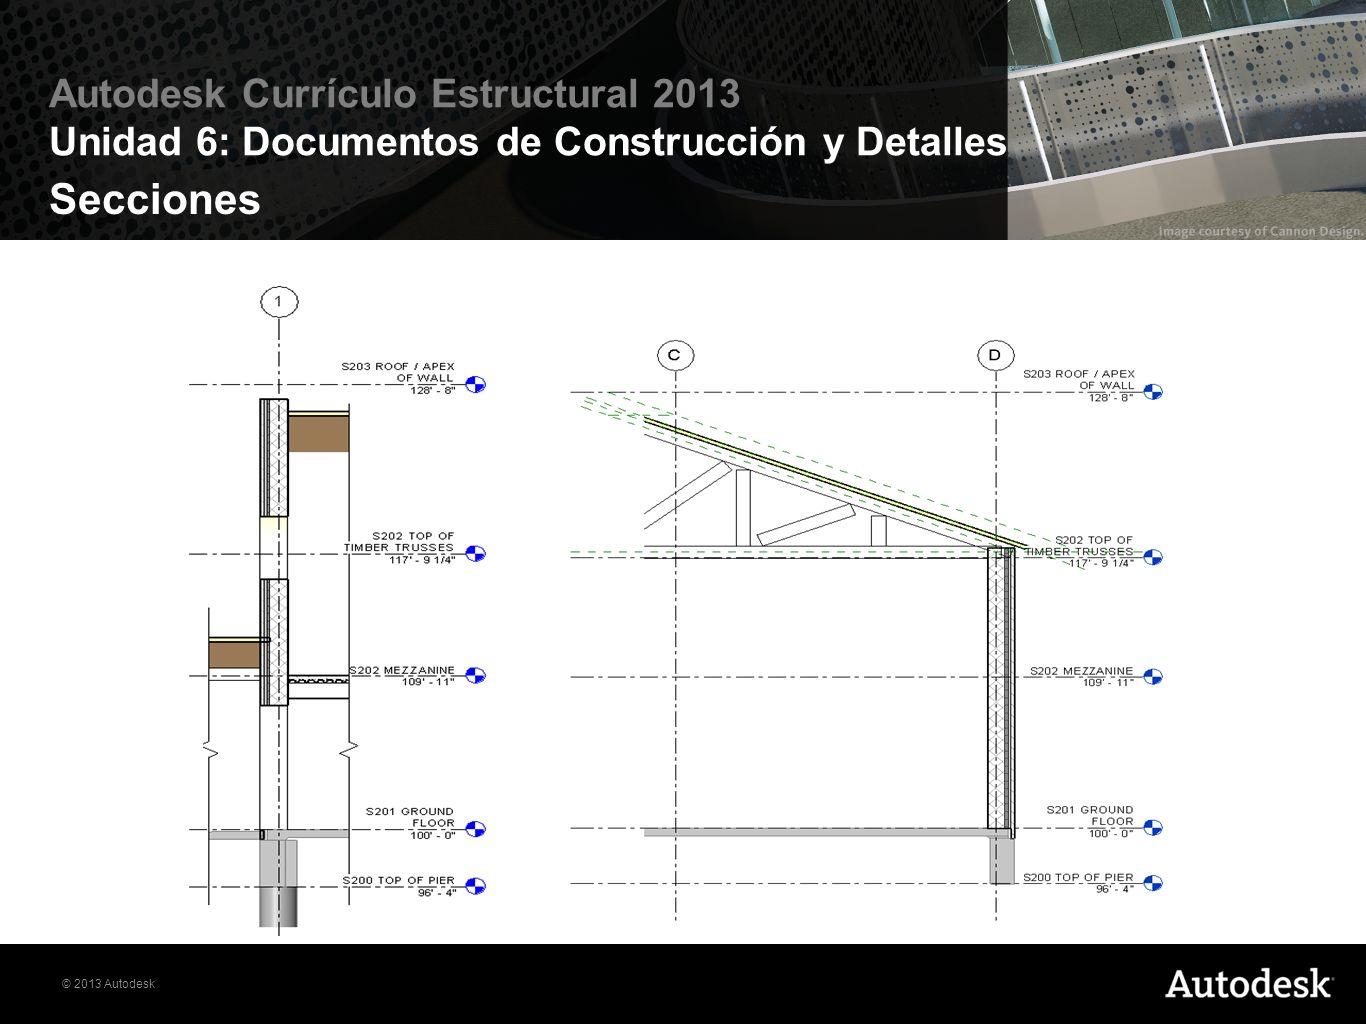 © 2013 Autodesk Autodesk Currículo Estructural 2013 Unidad 6: Documentos de Construcción y Detalles Dimensiones